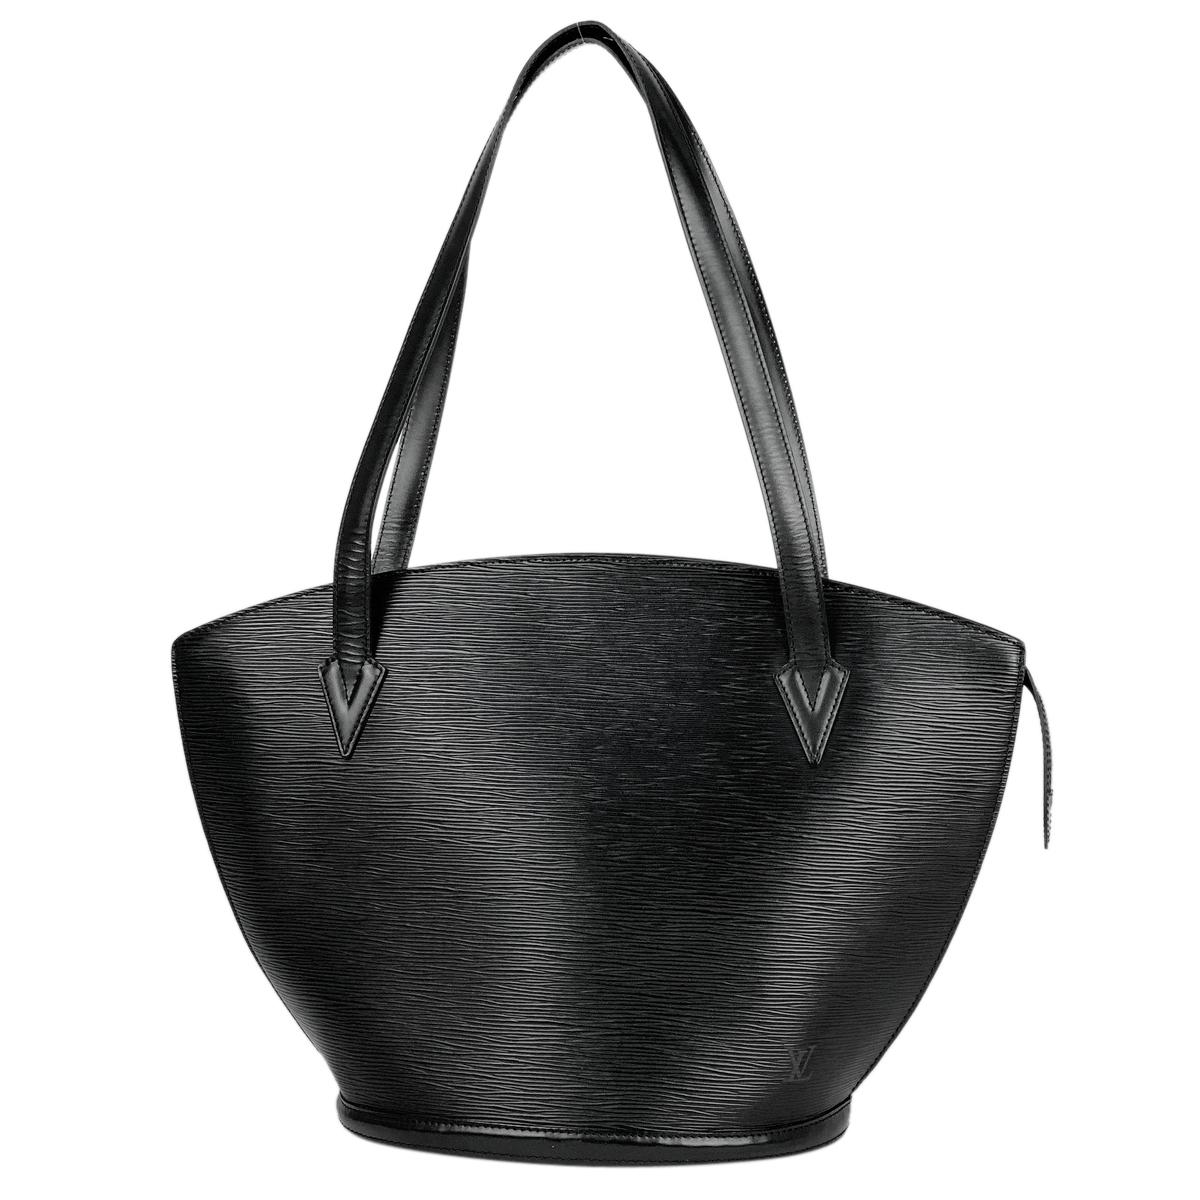 ルイ・ヴィトン Louis Vuitton サンジャック ショッピング 肩掛け ショルダーバッグ トートバッグ エピ ノワール(ブラック) M52262 レディース 【中古】